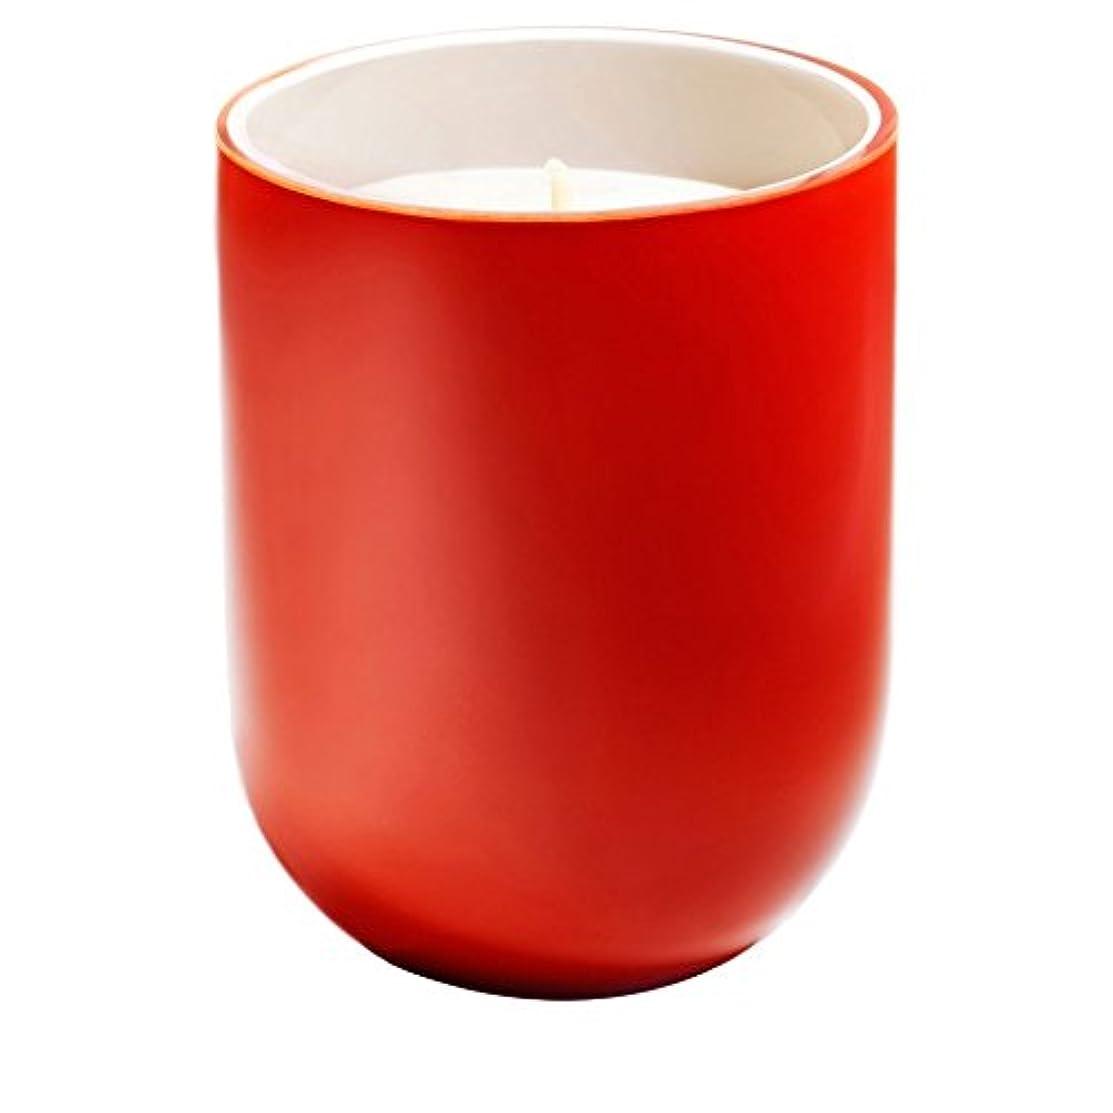 ふくろう普通に神話フレデリック?マルカフェ社会の香りのキャンドル x6 - Frederic Malle Caf? Society Scented Candle (Pack of 6) [並行輸入品]